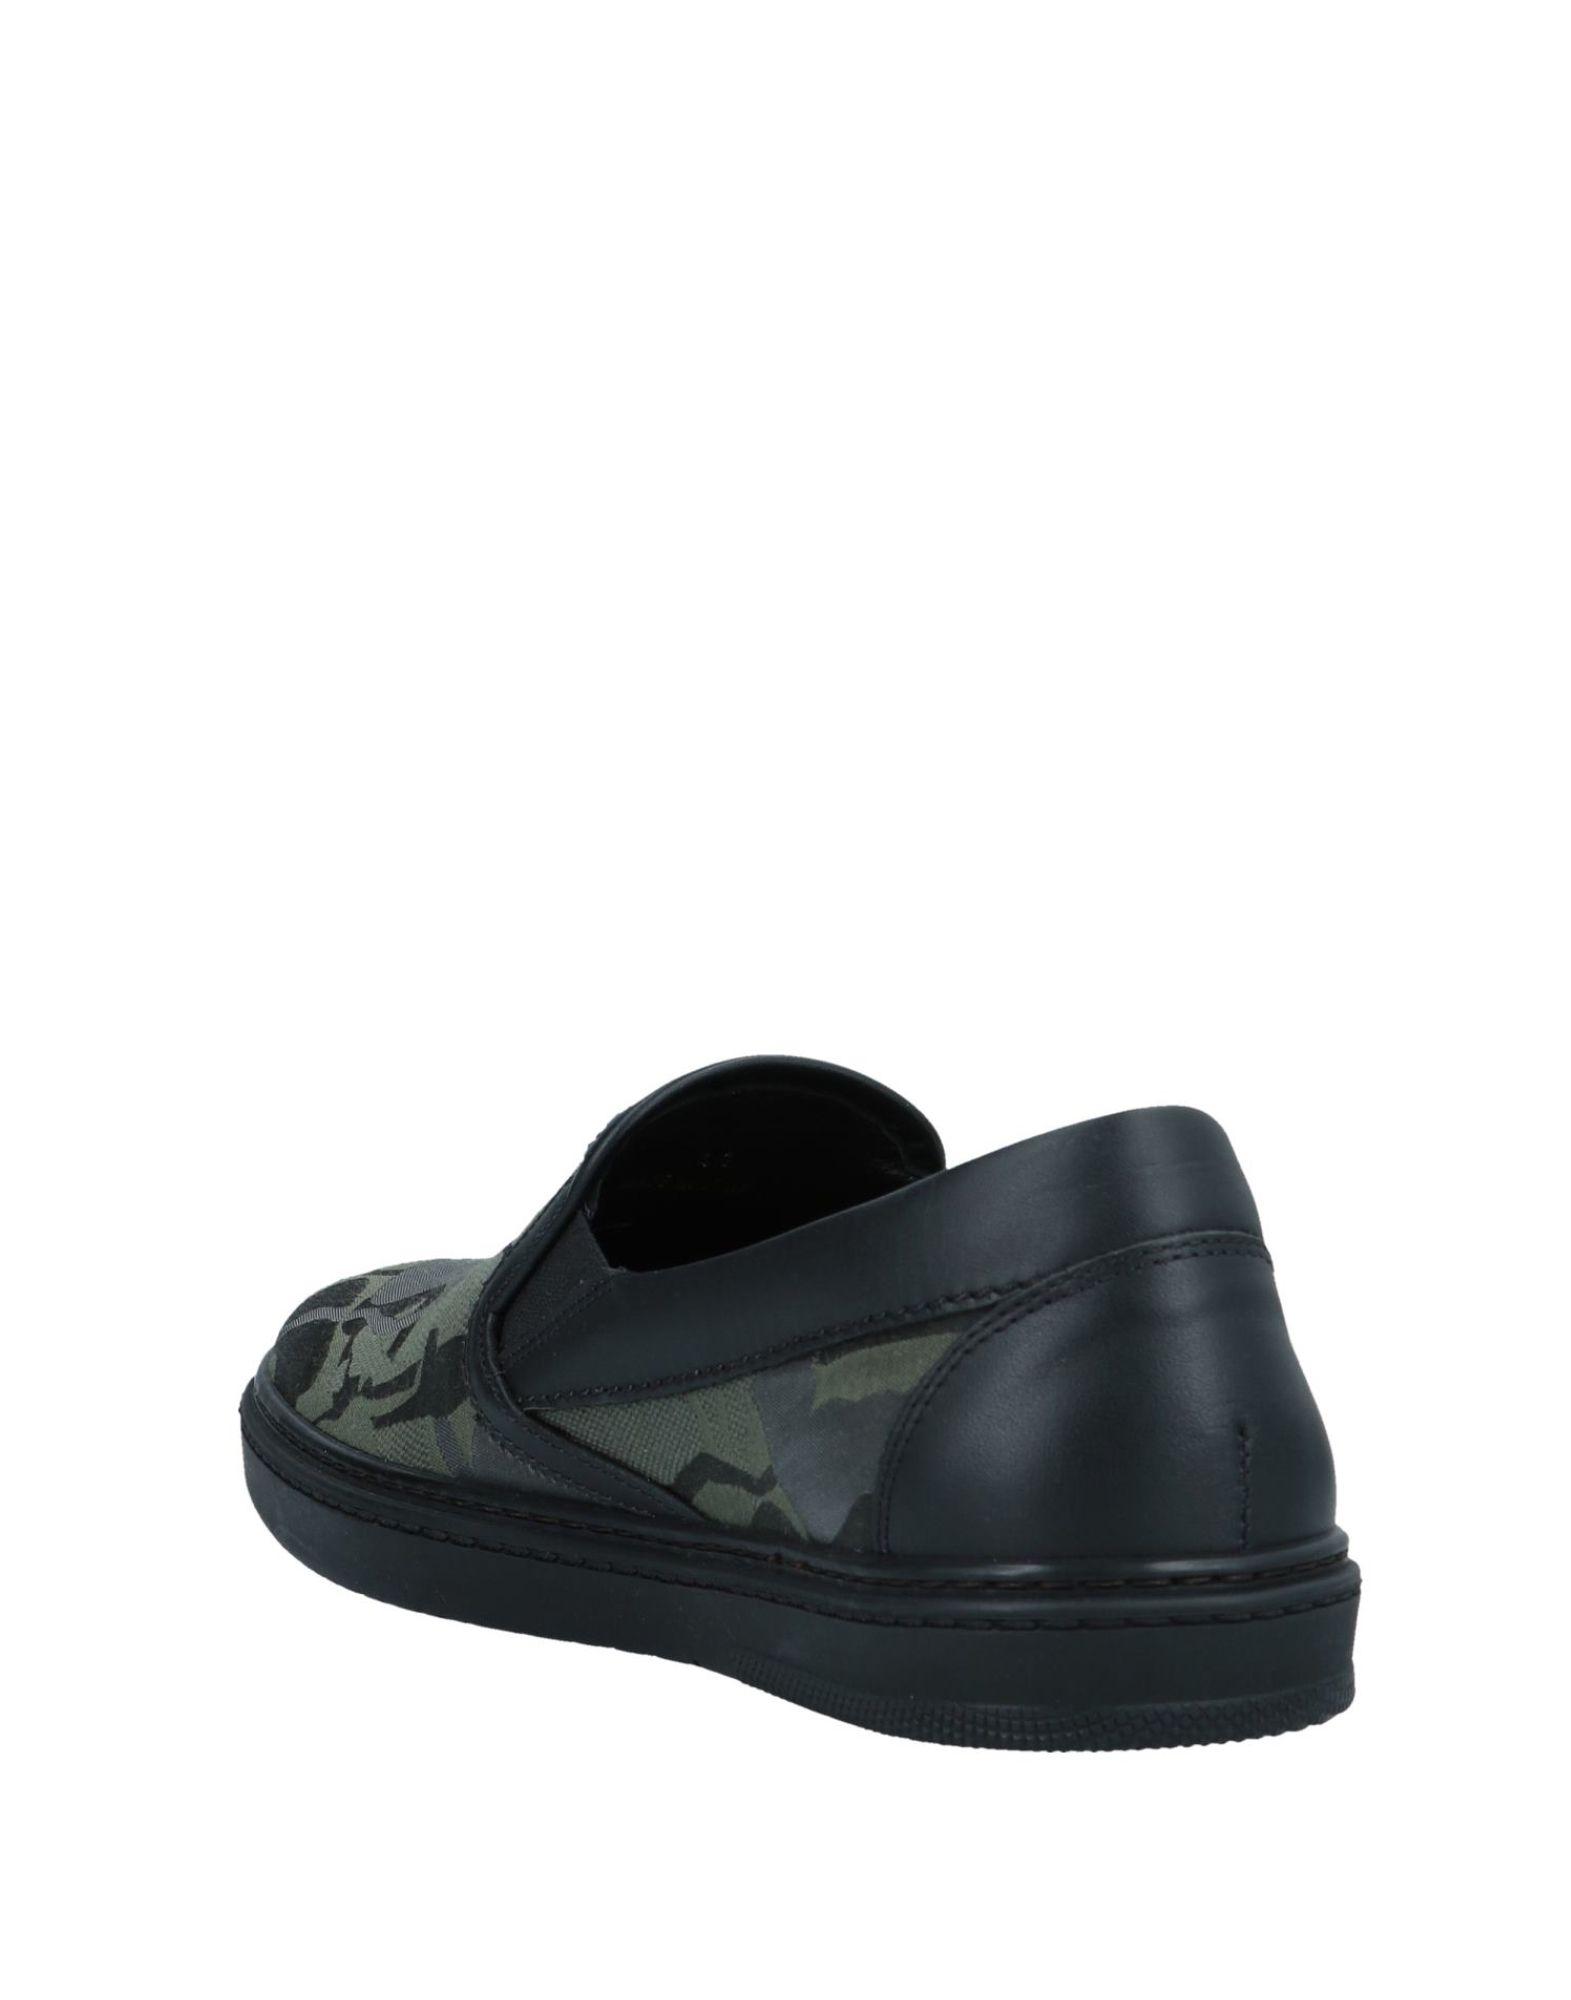 Jimmy Herren Choo Sneakers Herren Jimmy Gutes Preis-Leistungs-Verhältnis, es lohnt sich 0319fb